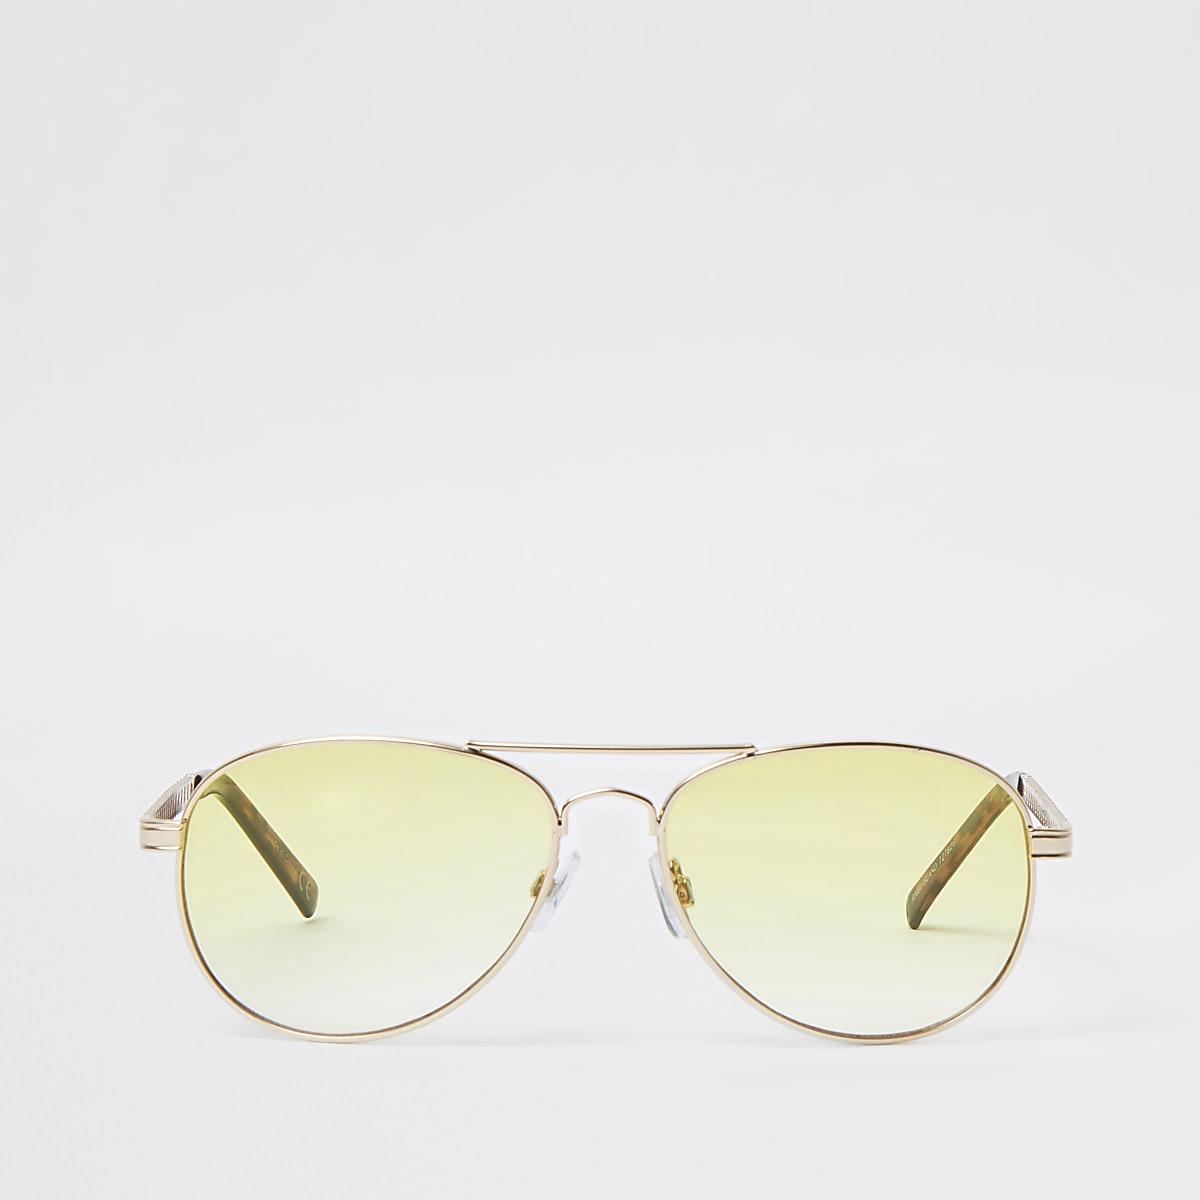 Gold tone yellow chain aviator sunglasses